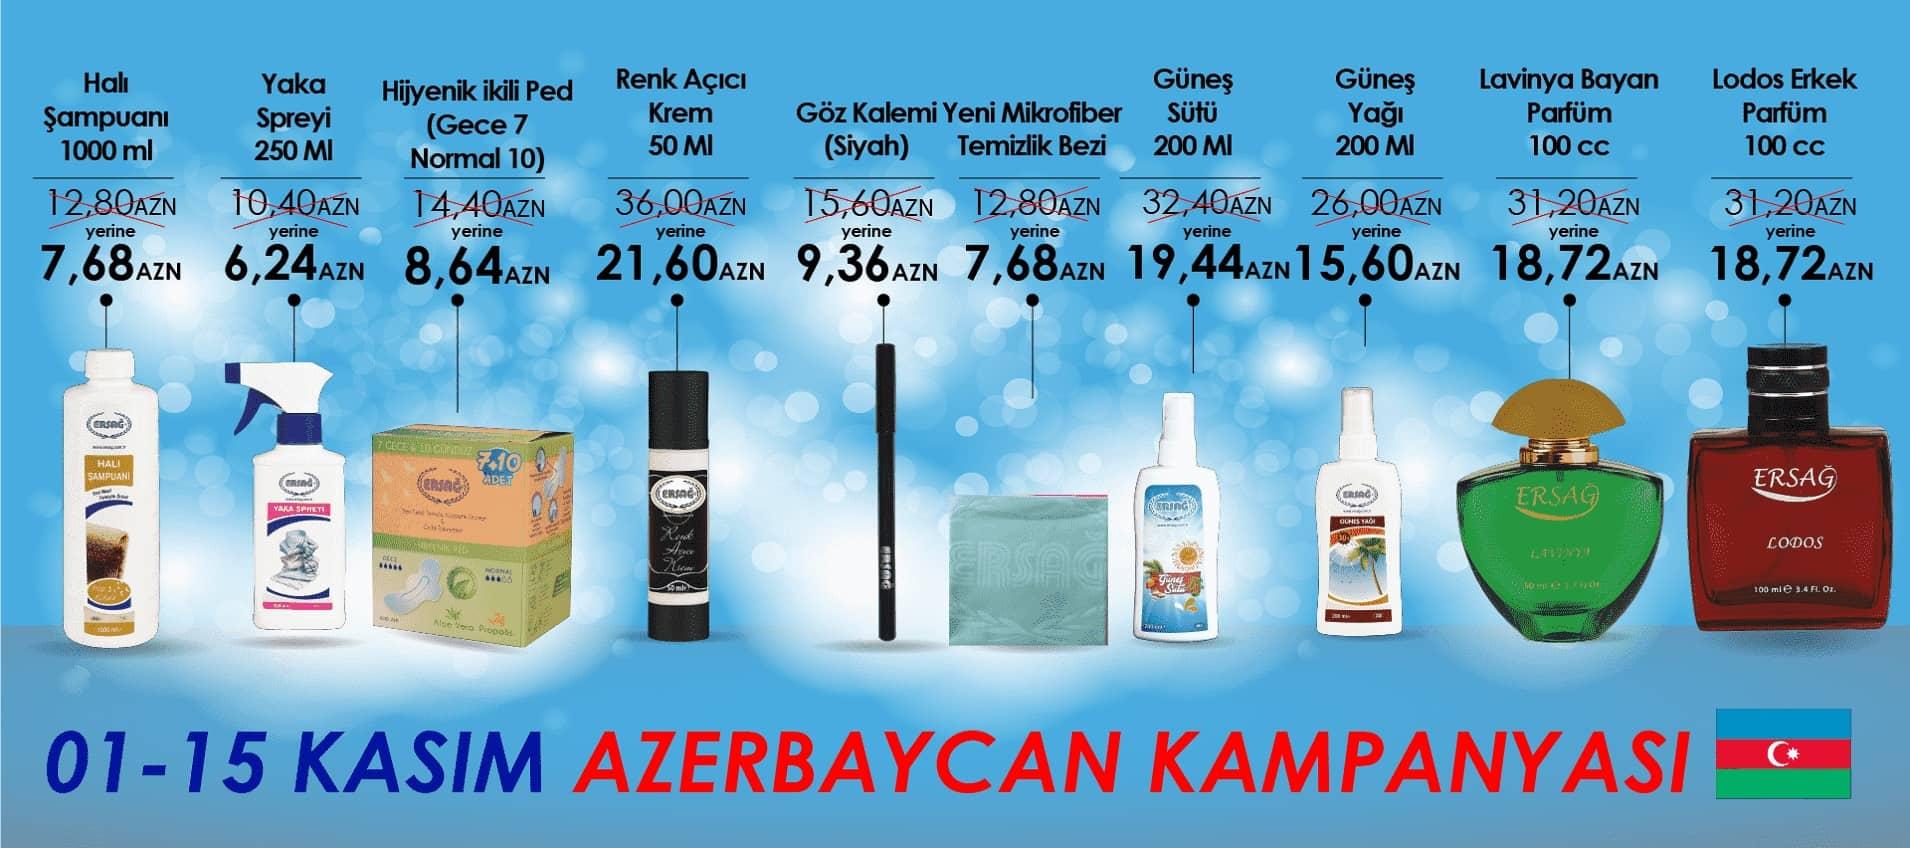 Ersağ 1-15 Kasım 2018 Azerbeycan Kampanyası